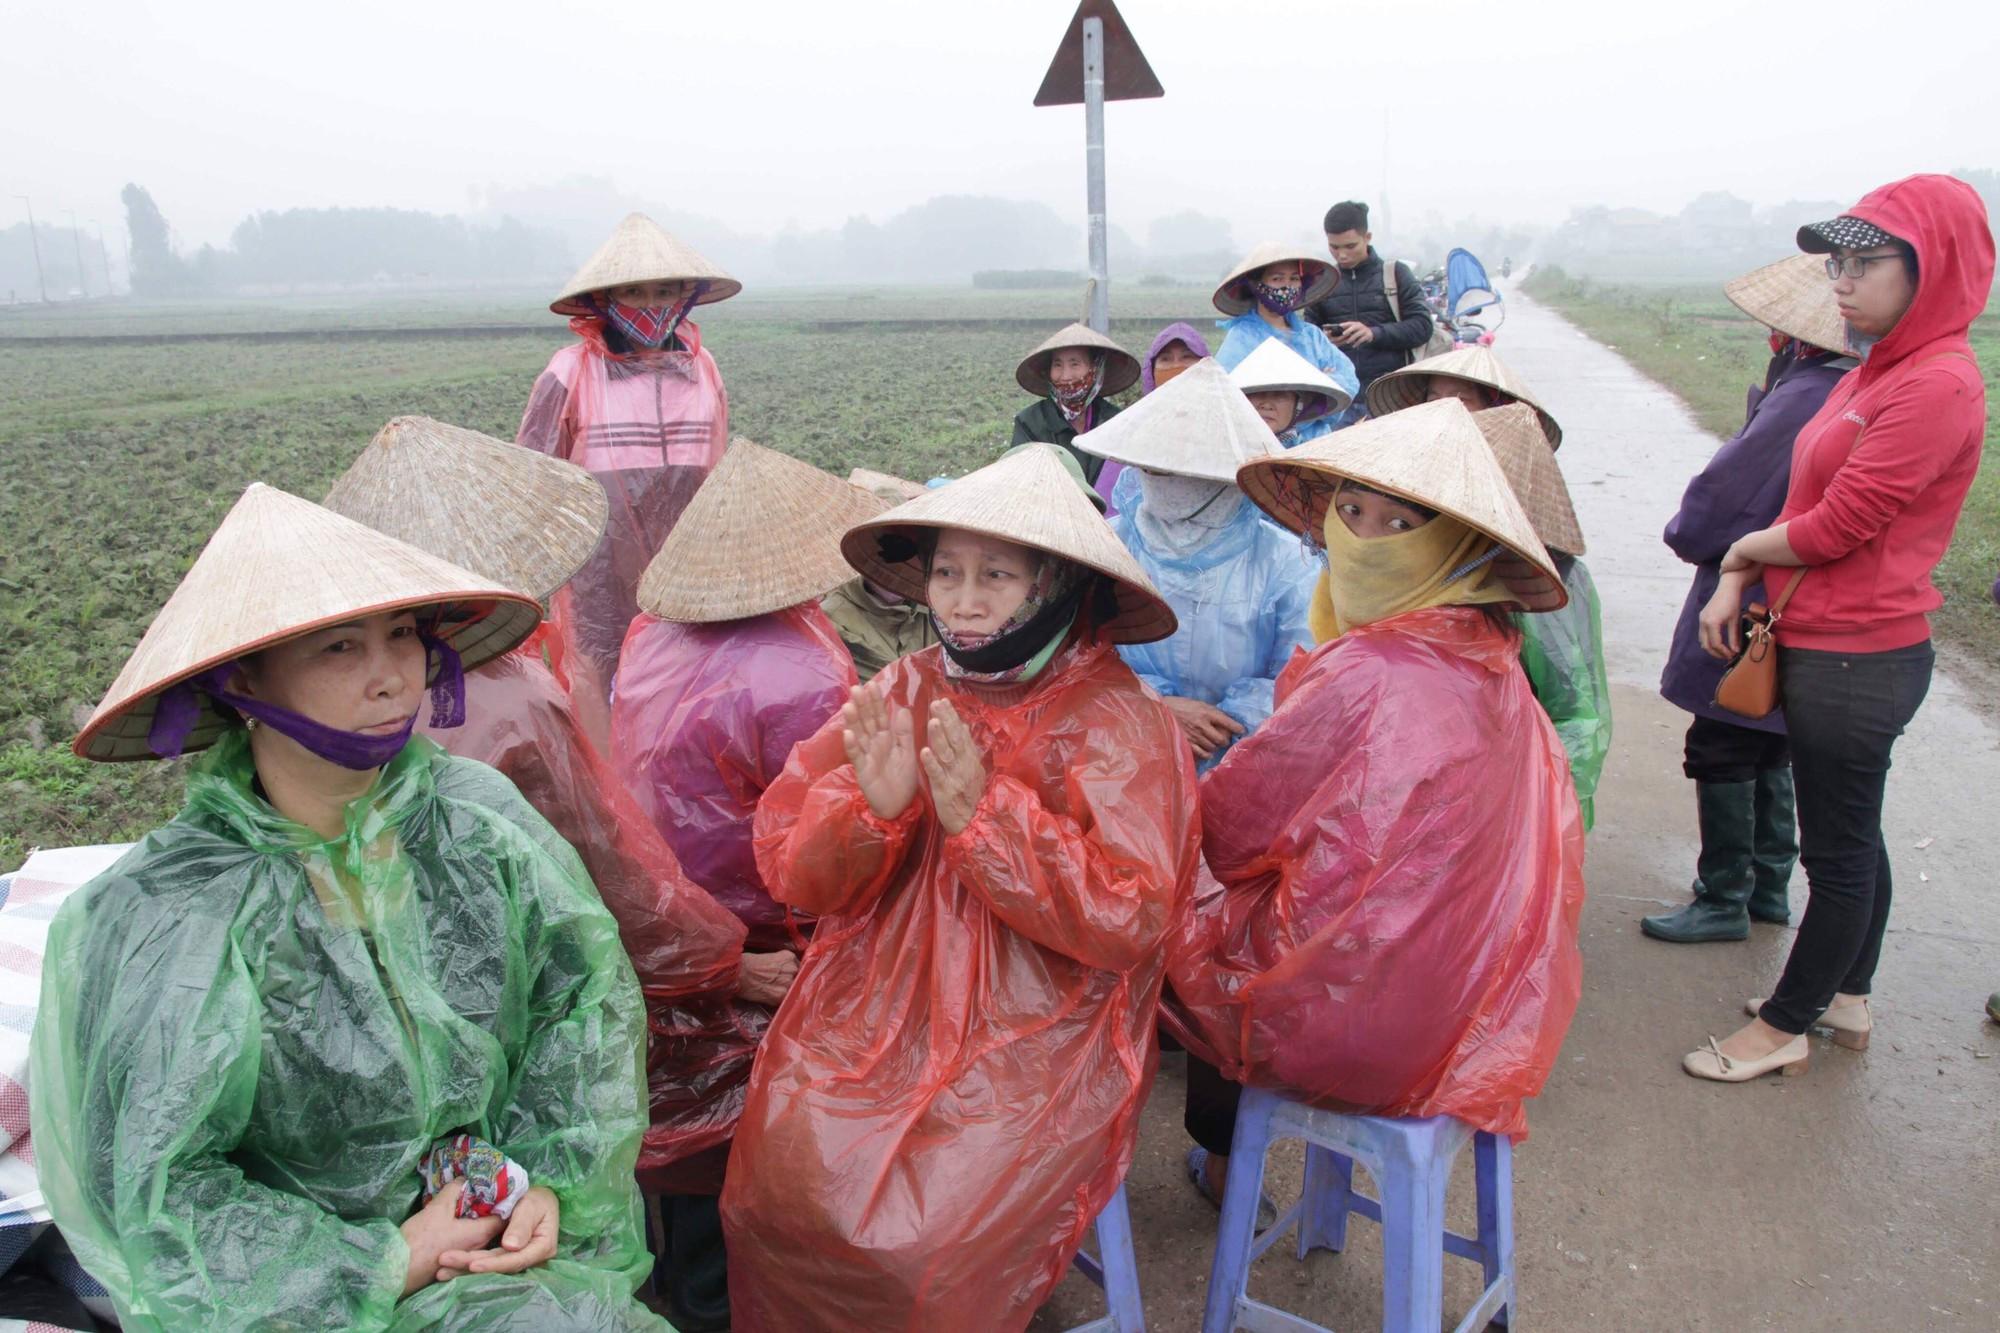 Cuộc sống cạnh bãi rác lớn nhất Hà Nội: Trong xóm có đám cưới chỉ đến uống chén rượu, không dám ăn-2